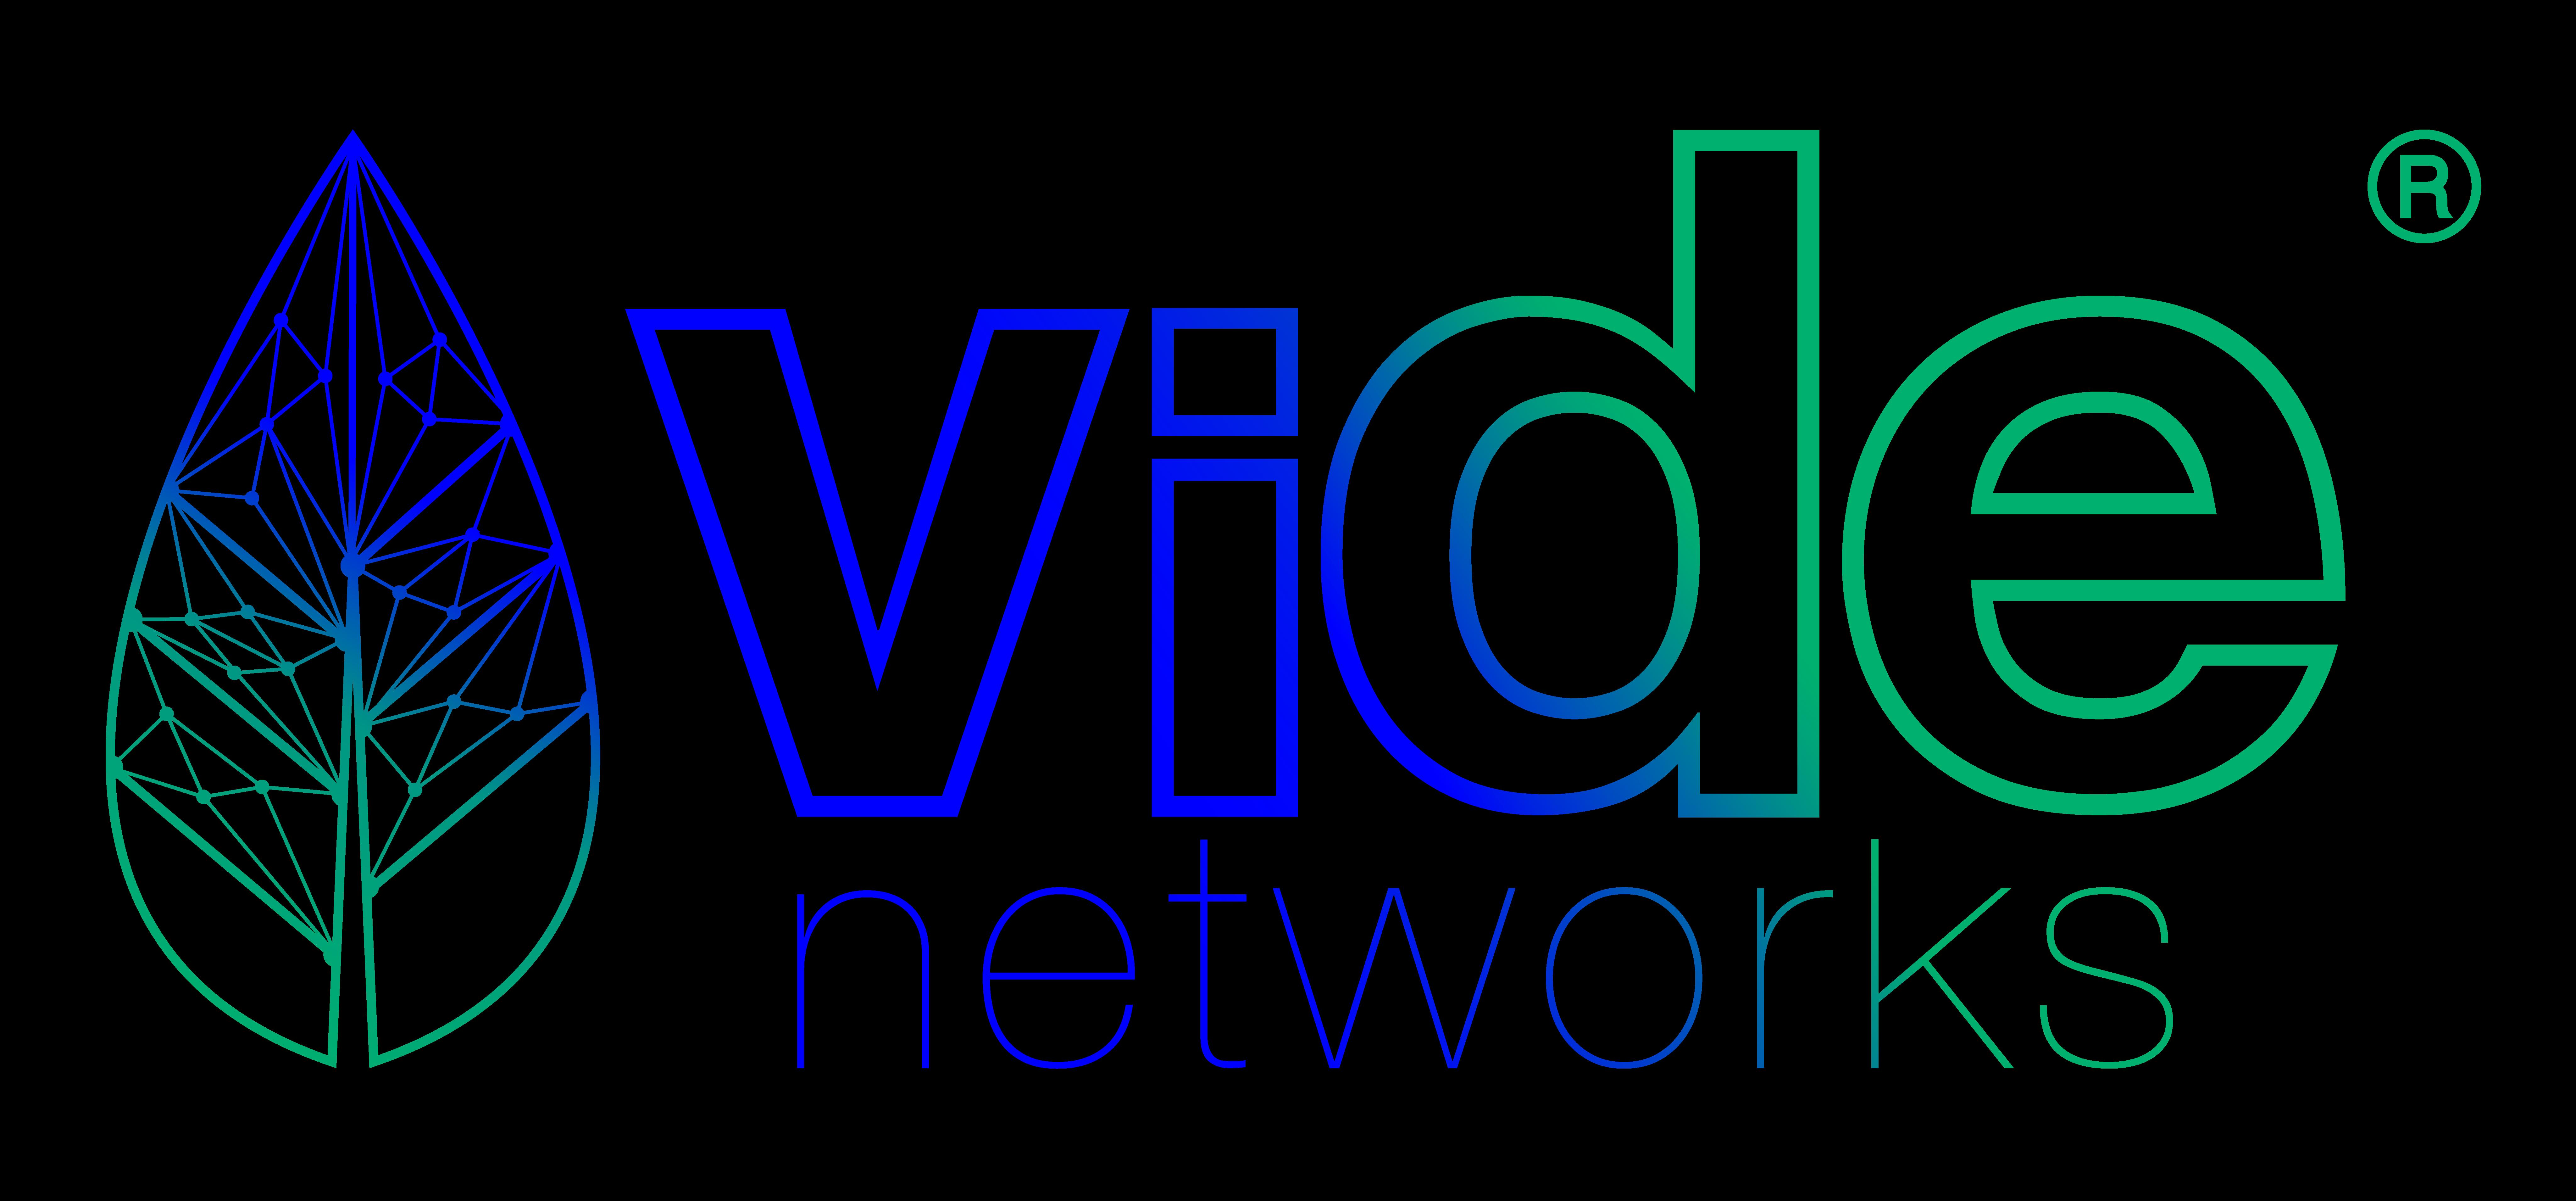 Vide Networks